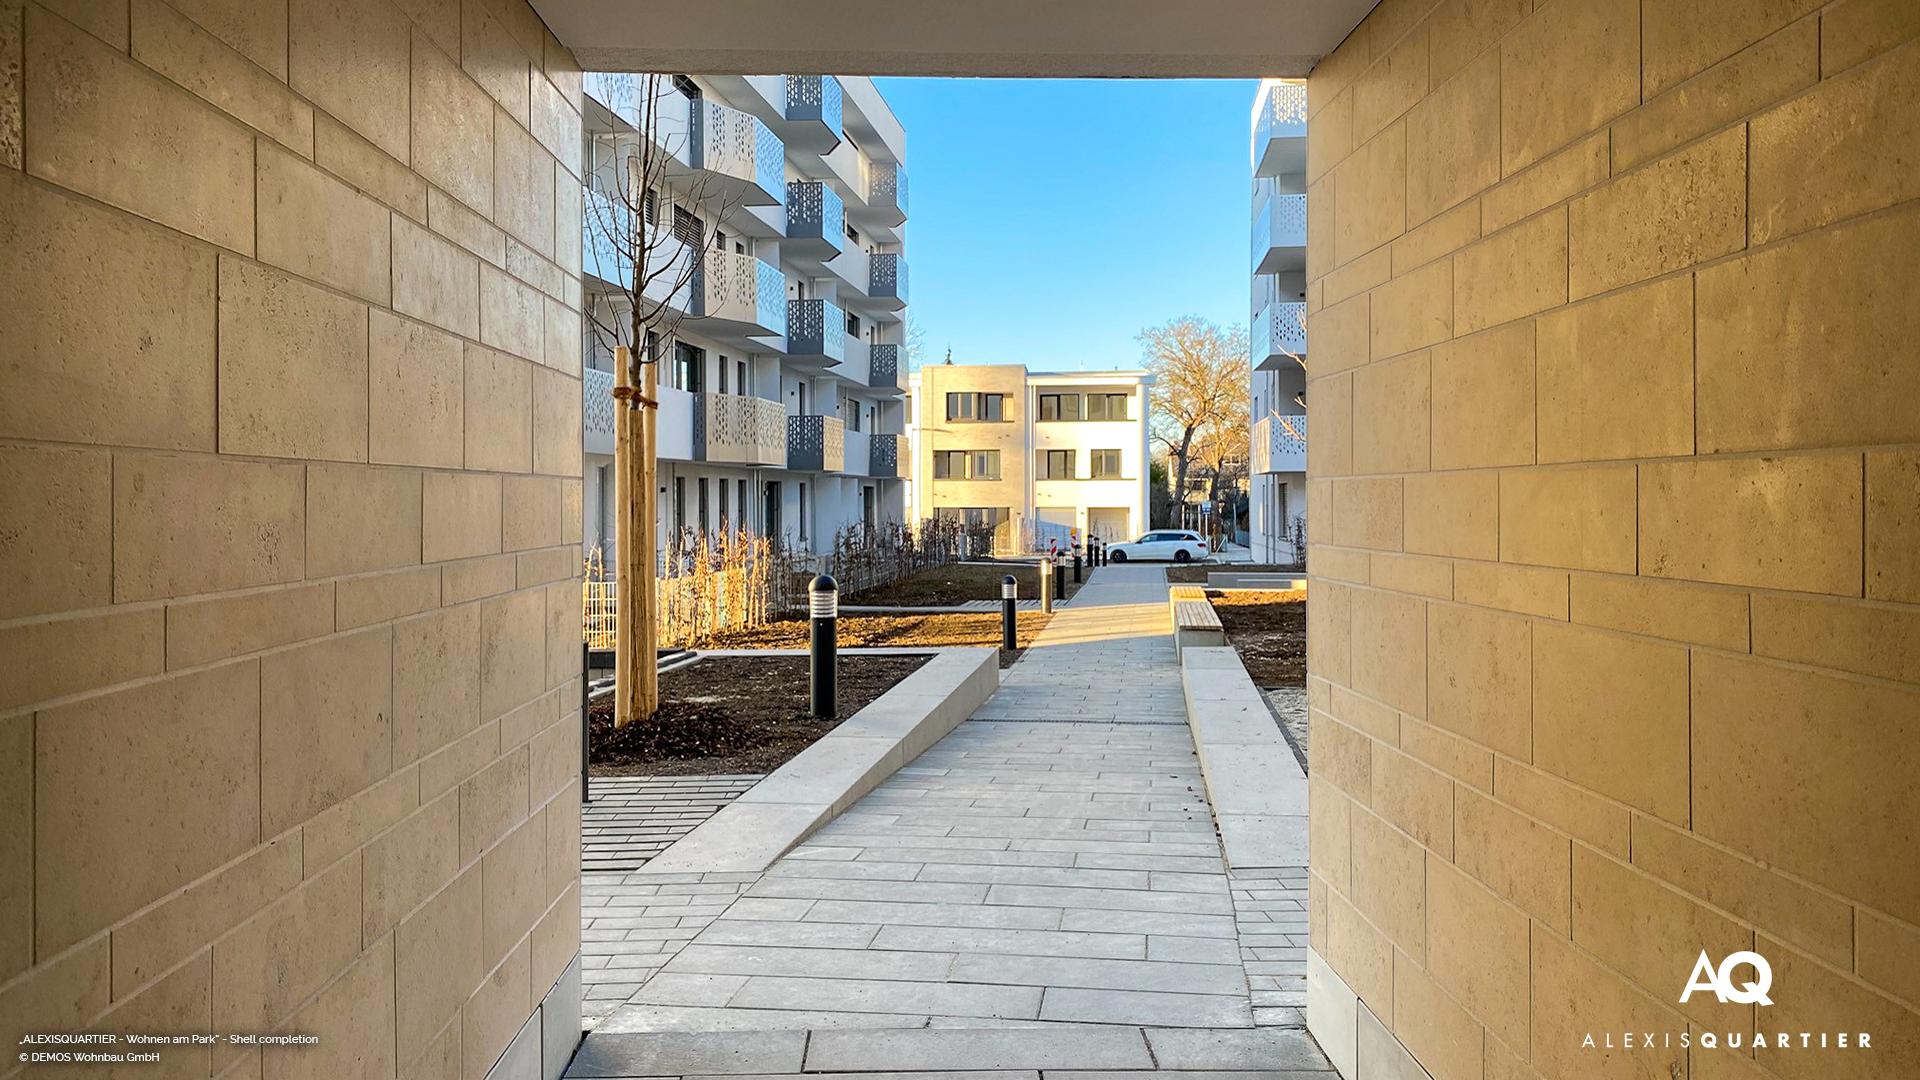 'ALEXISQUARTIER – Wohnen am Park' in Munich-Perlach: Shell completion